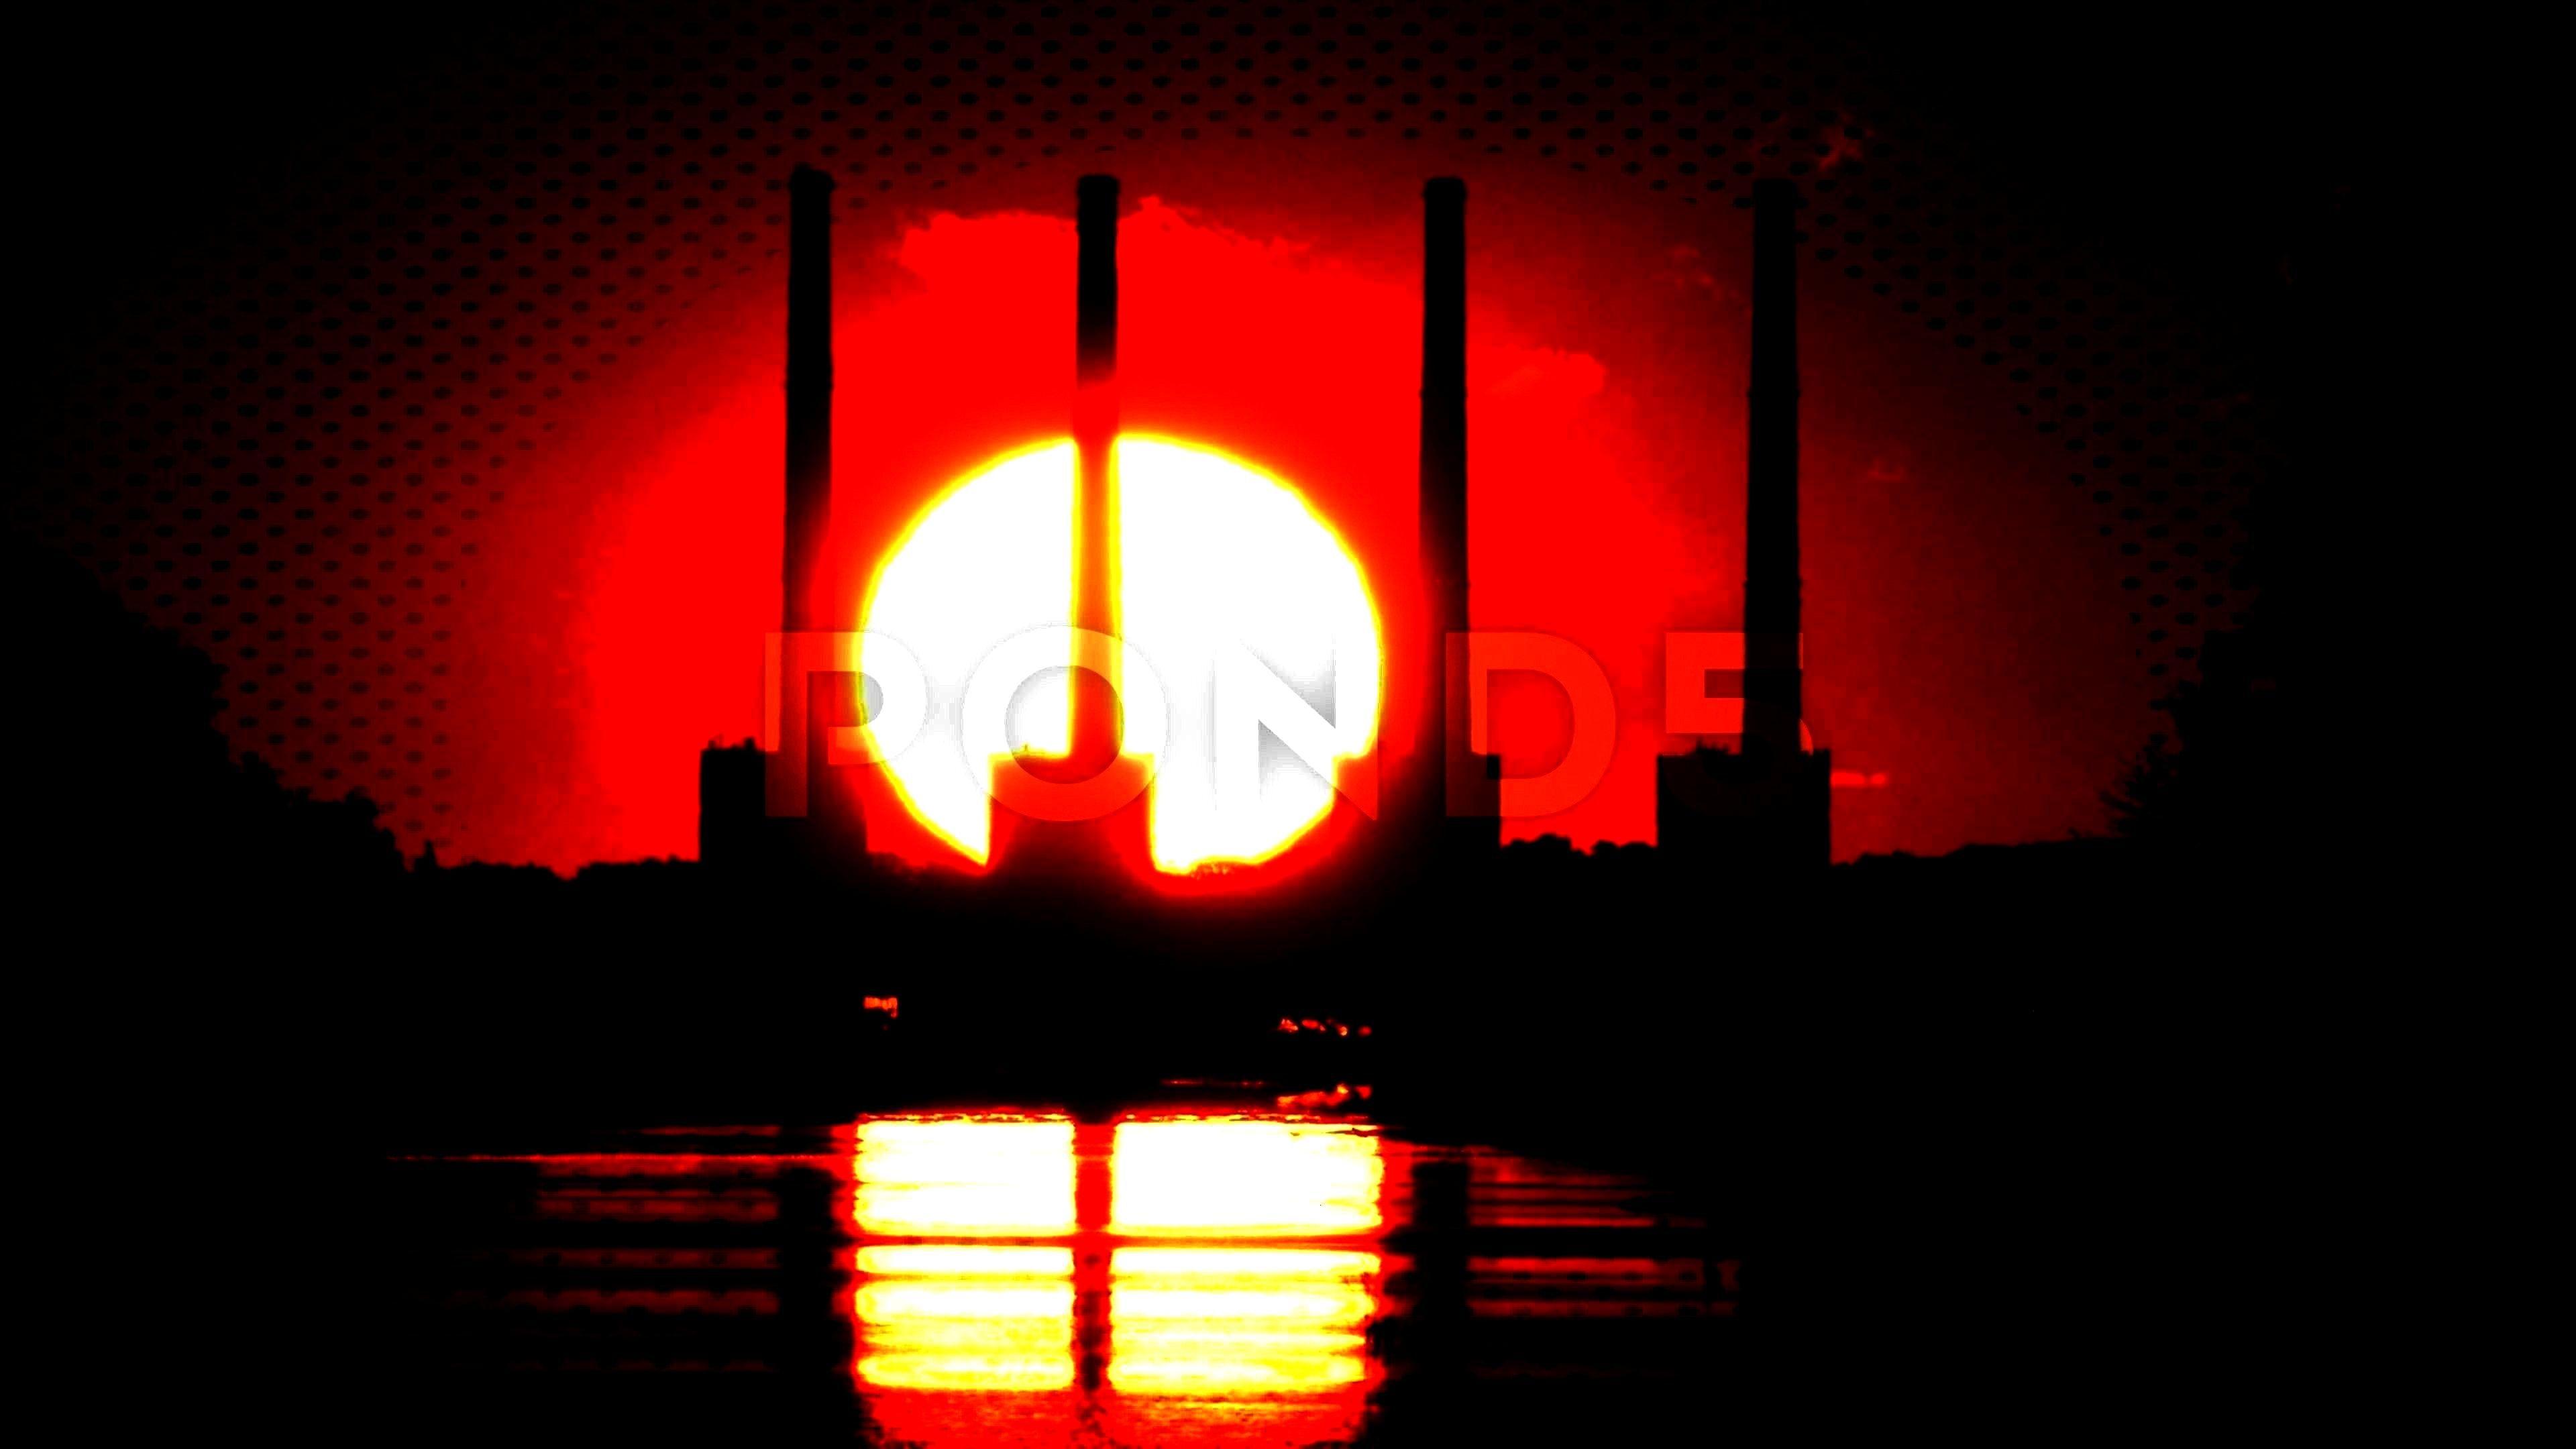 ,#smoke#Sunrises#stacks#FootageSunrises behind smoke stacks. Stock Footage ,#smoke#Sunrises#stacks#